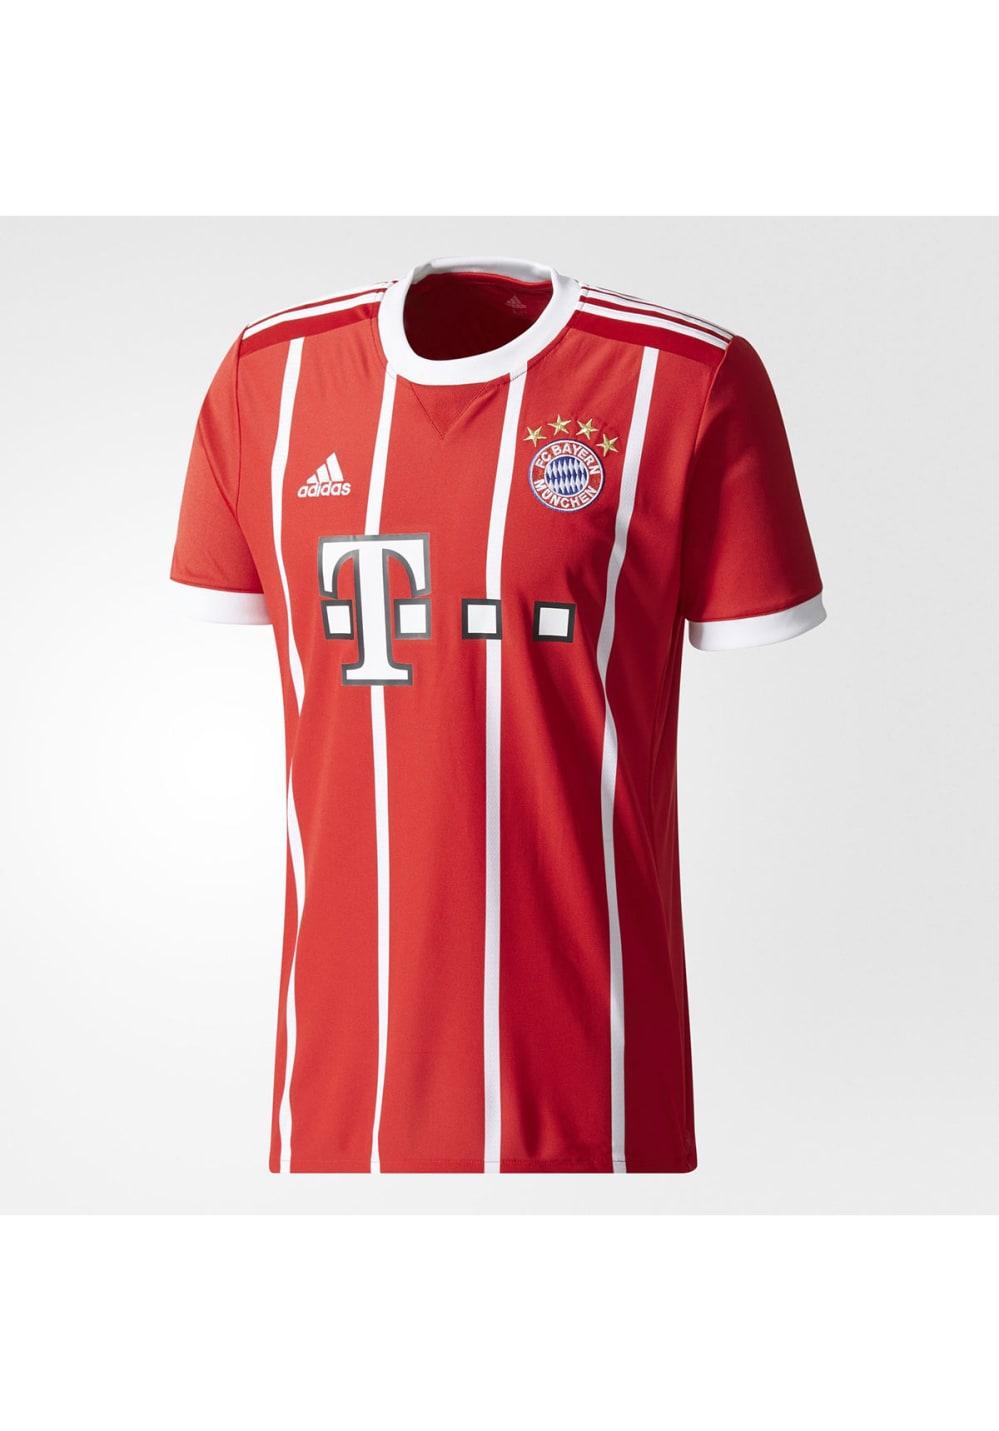 adidas FC Bayern Munich Home Replica Jersey - Fußballbekleidung für Herren - Rot